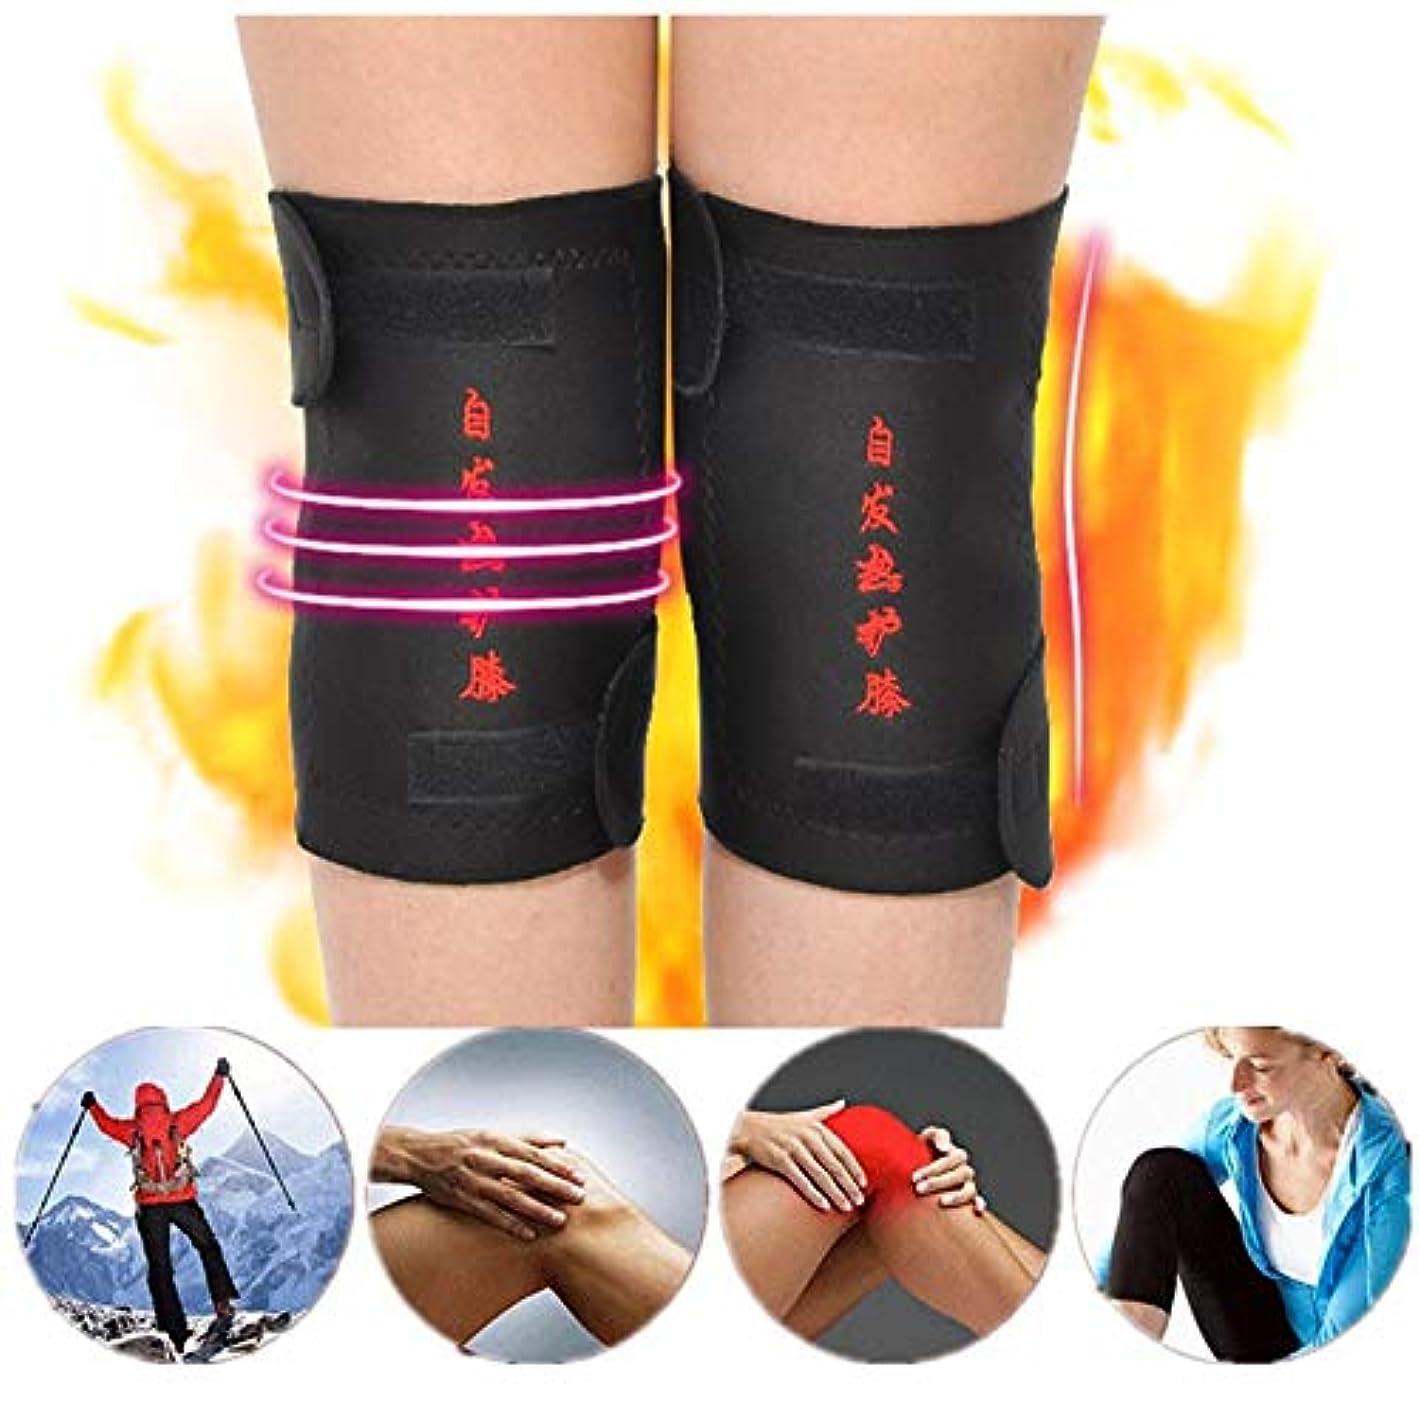 柔らかさ薬局はぁ1 ペア 毎日健康 ケア 膝の痛み救済傷害捻挫自己加熱された膝 パッド 付き磁気治療内部加熱膝 パッド